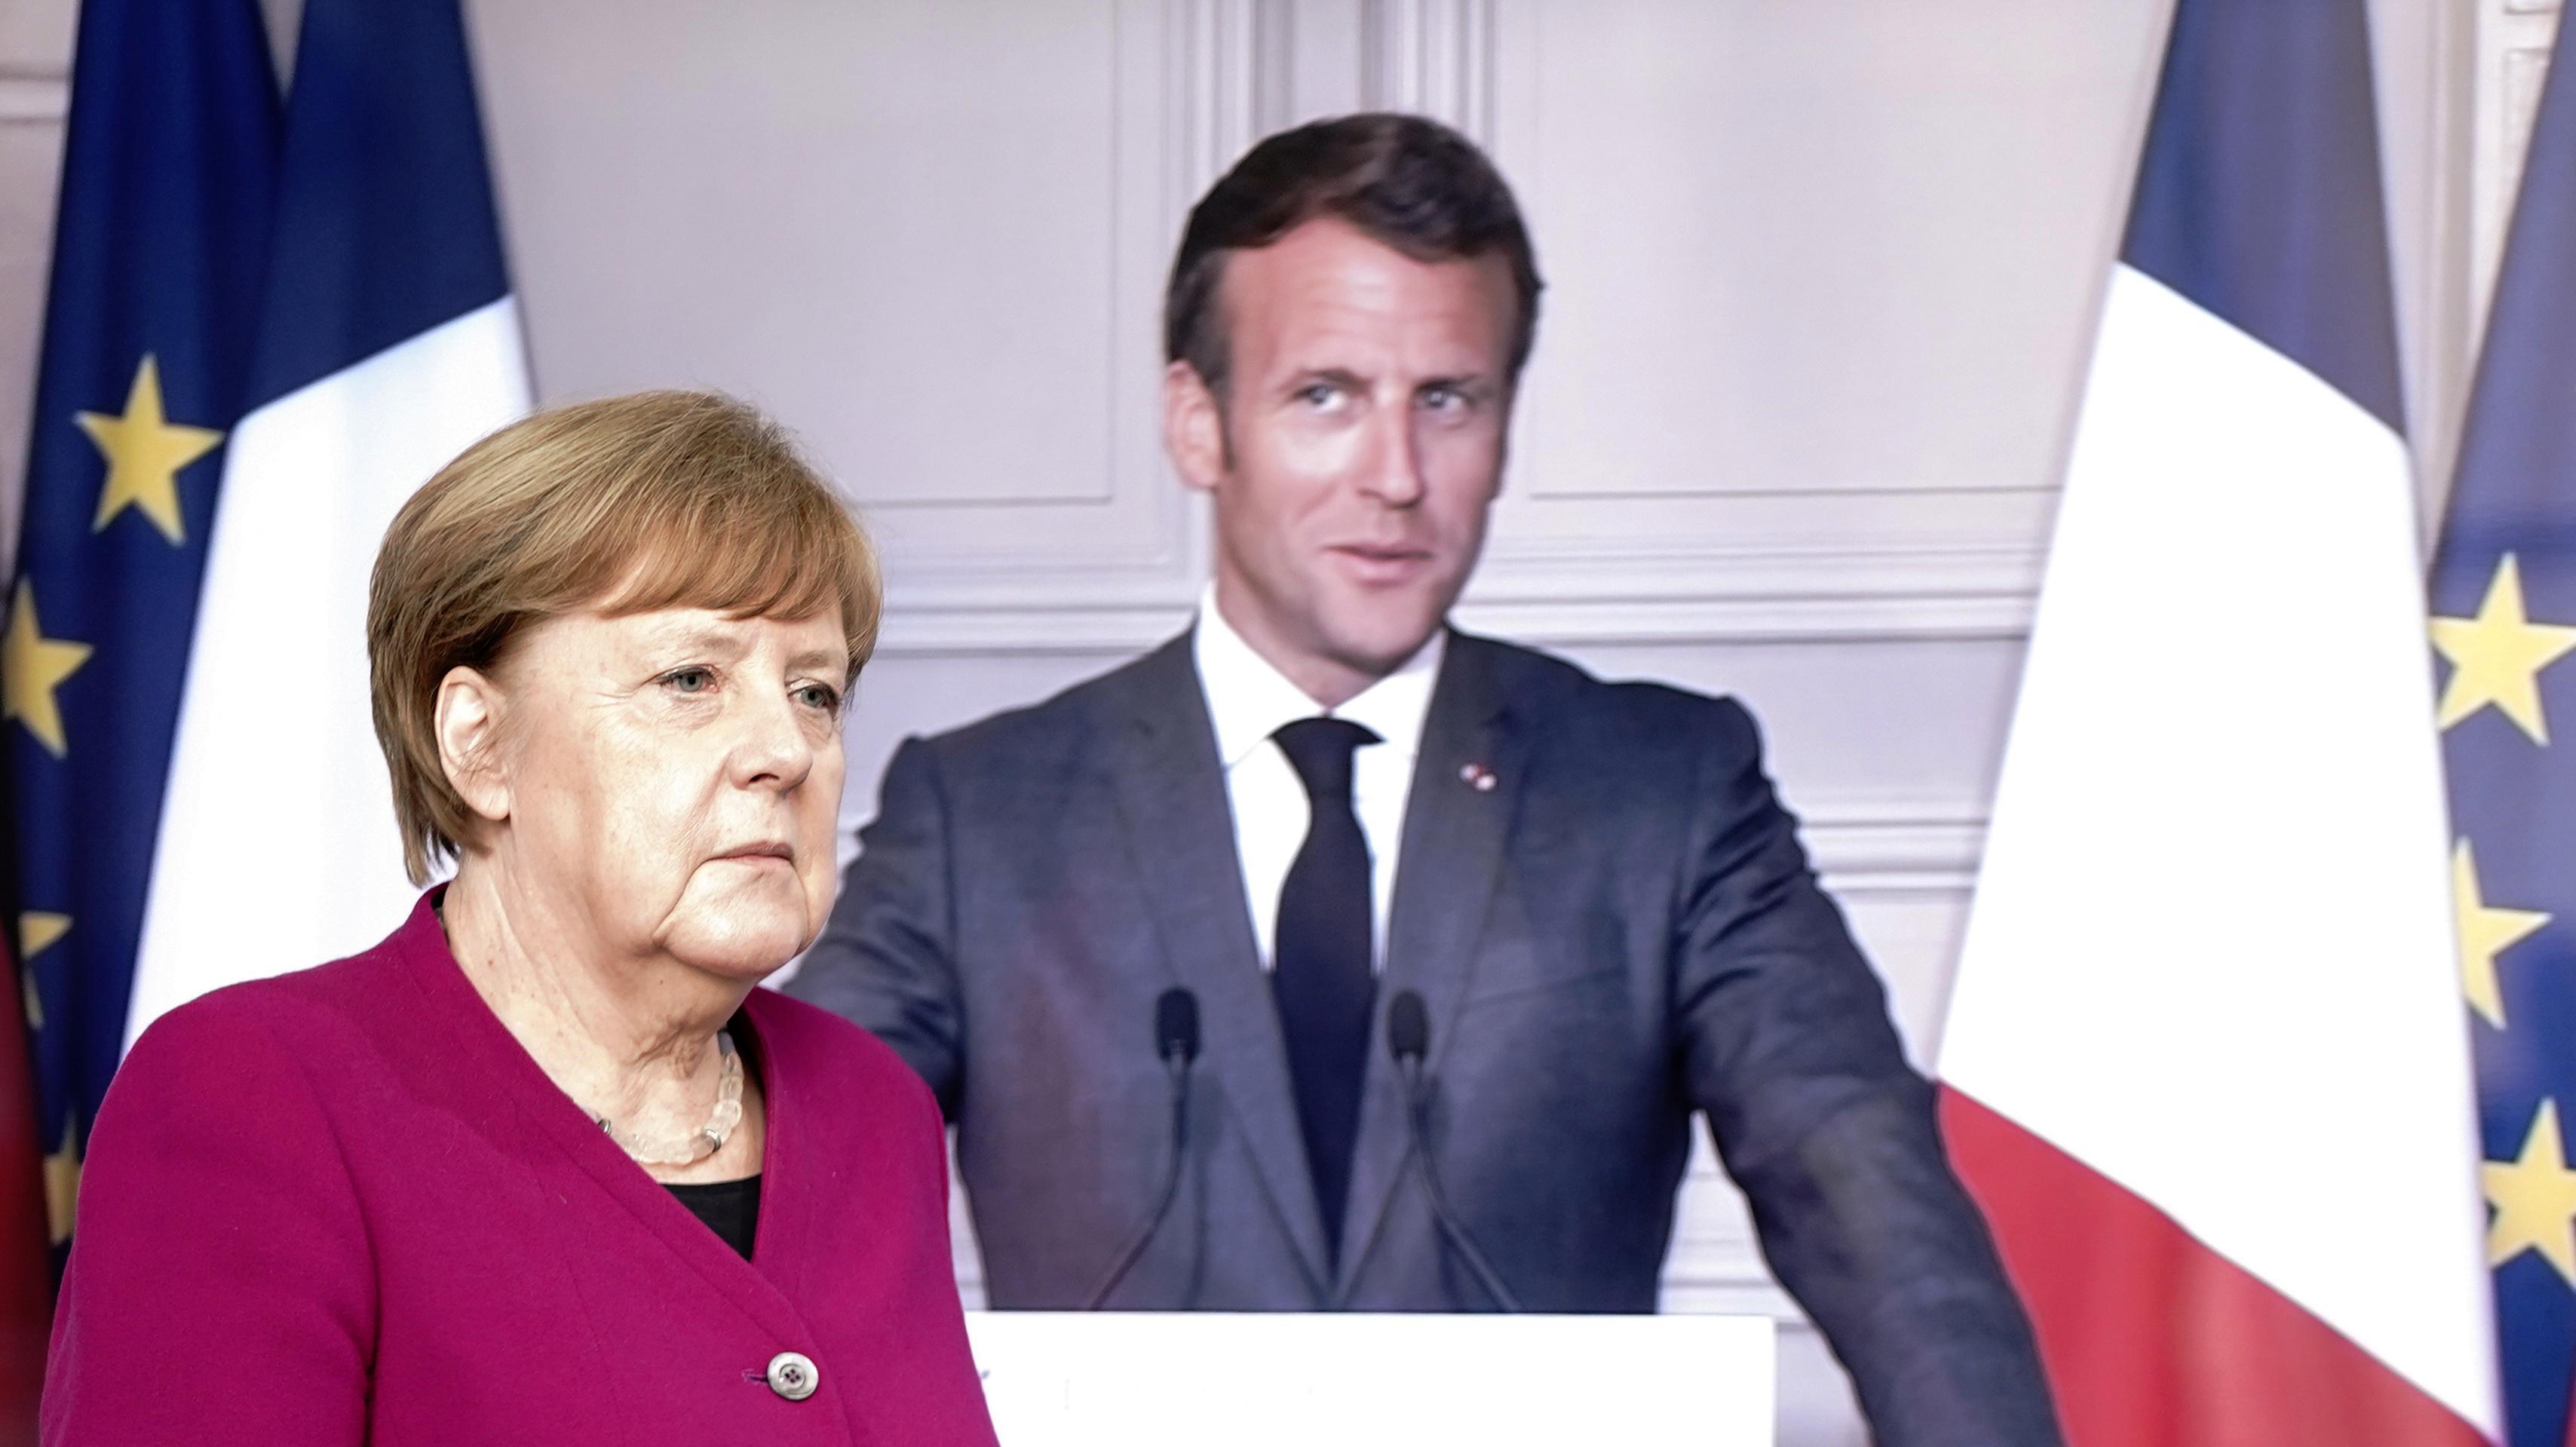 Merkel E Macron Anunciam Plano De Ajuda De 3 12 Trilhoes De Reais Para A Reconstrucao Da Europa Internacional El Pais Brasil